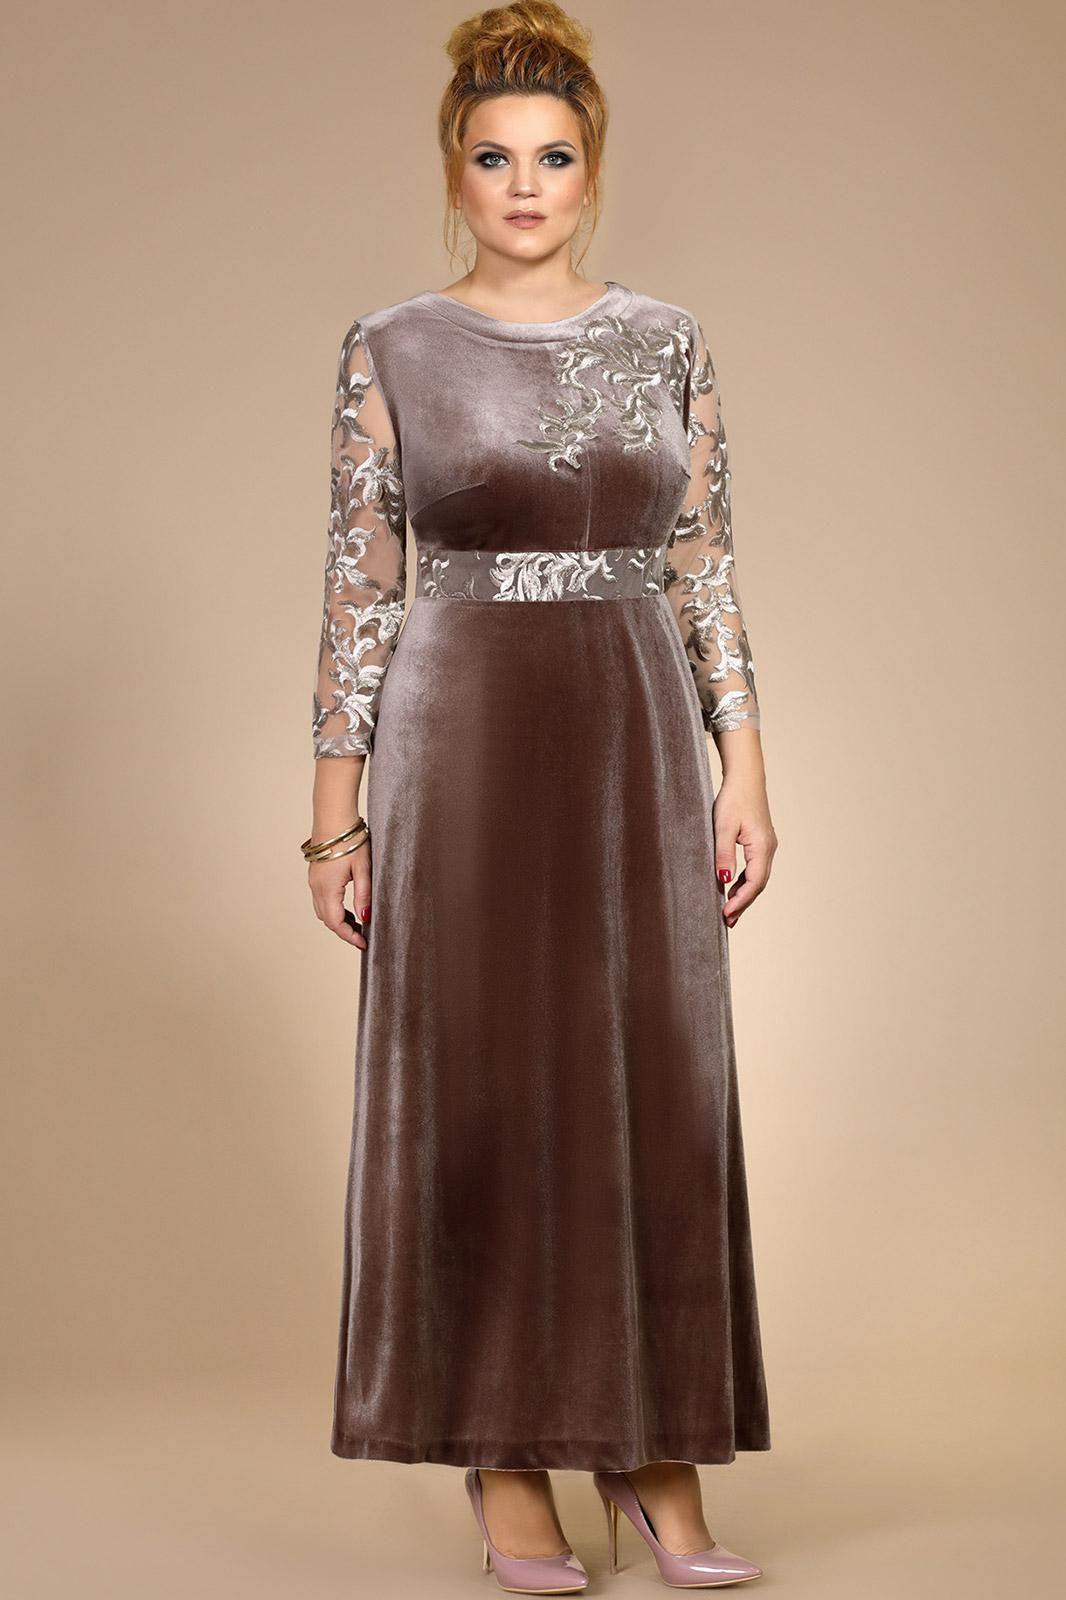 ab42033940669eb Платье женское нарядное, удлиненное без подкладки. Выполнено из  трикотажного полотна (велюр, тянется